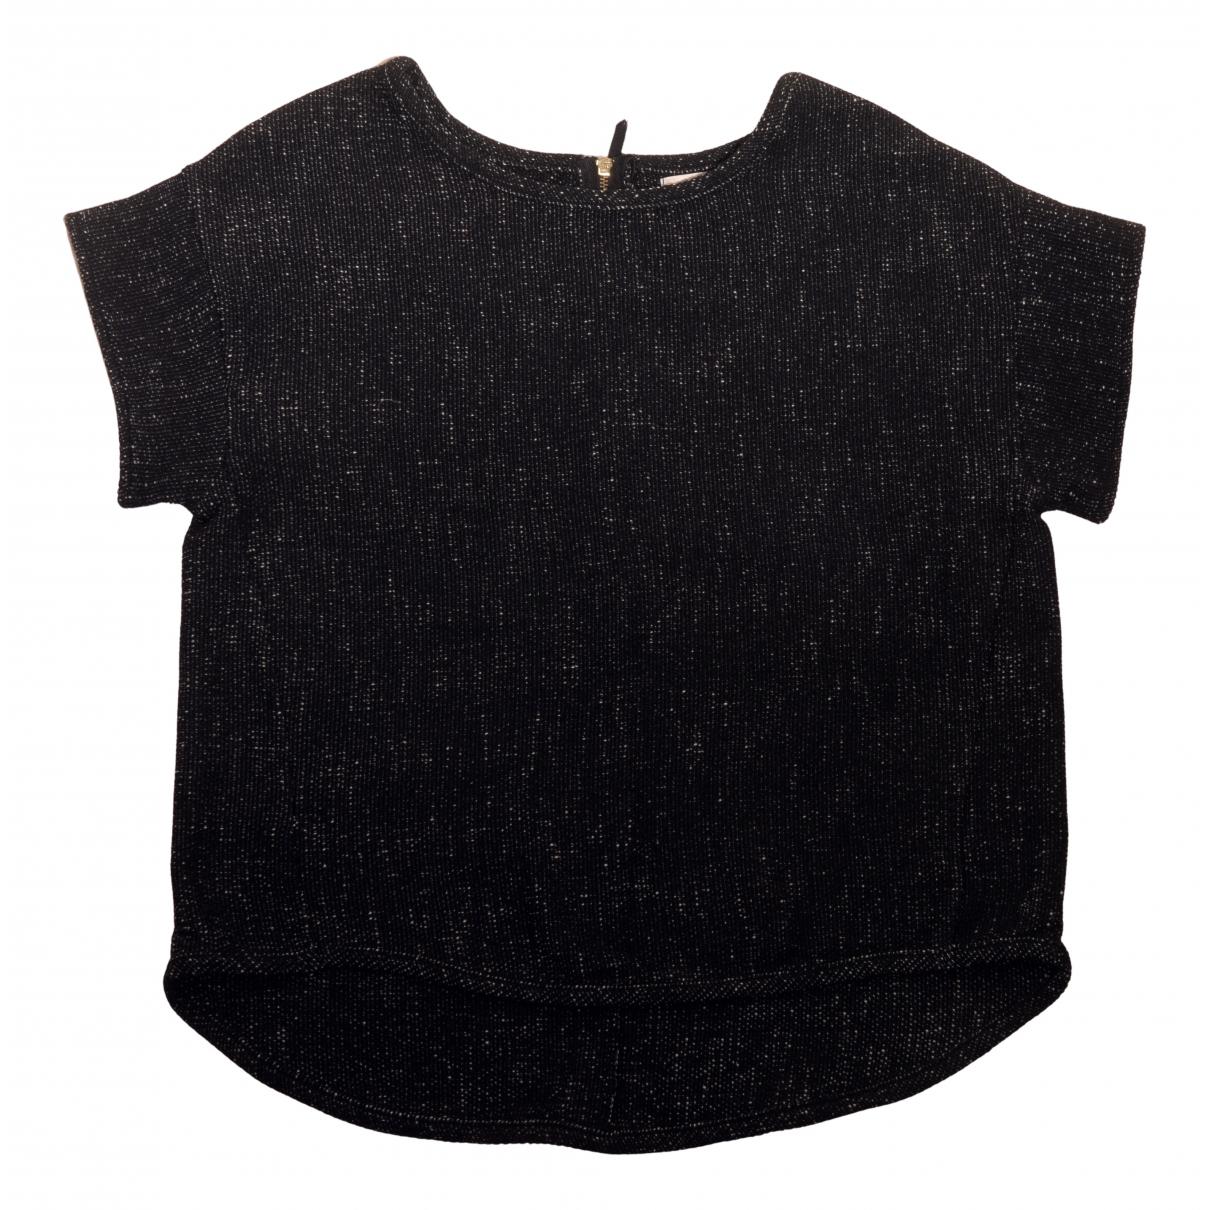 Essentiel Antwerp N Black Knitwear for Women 4 0-5